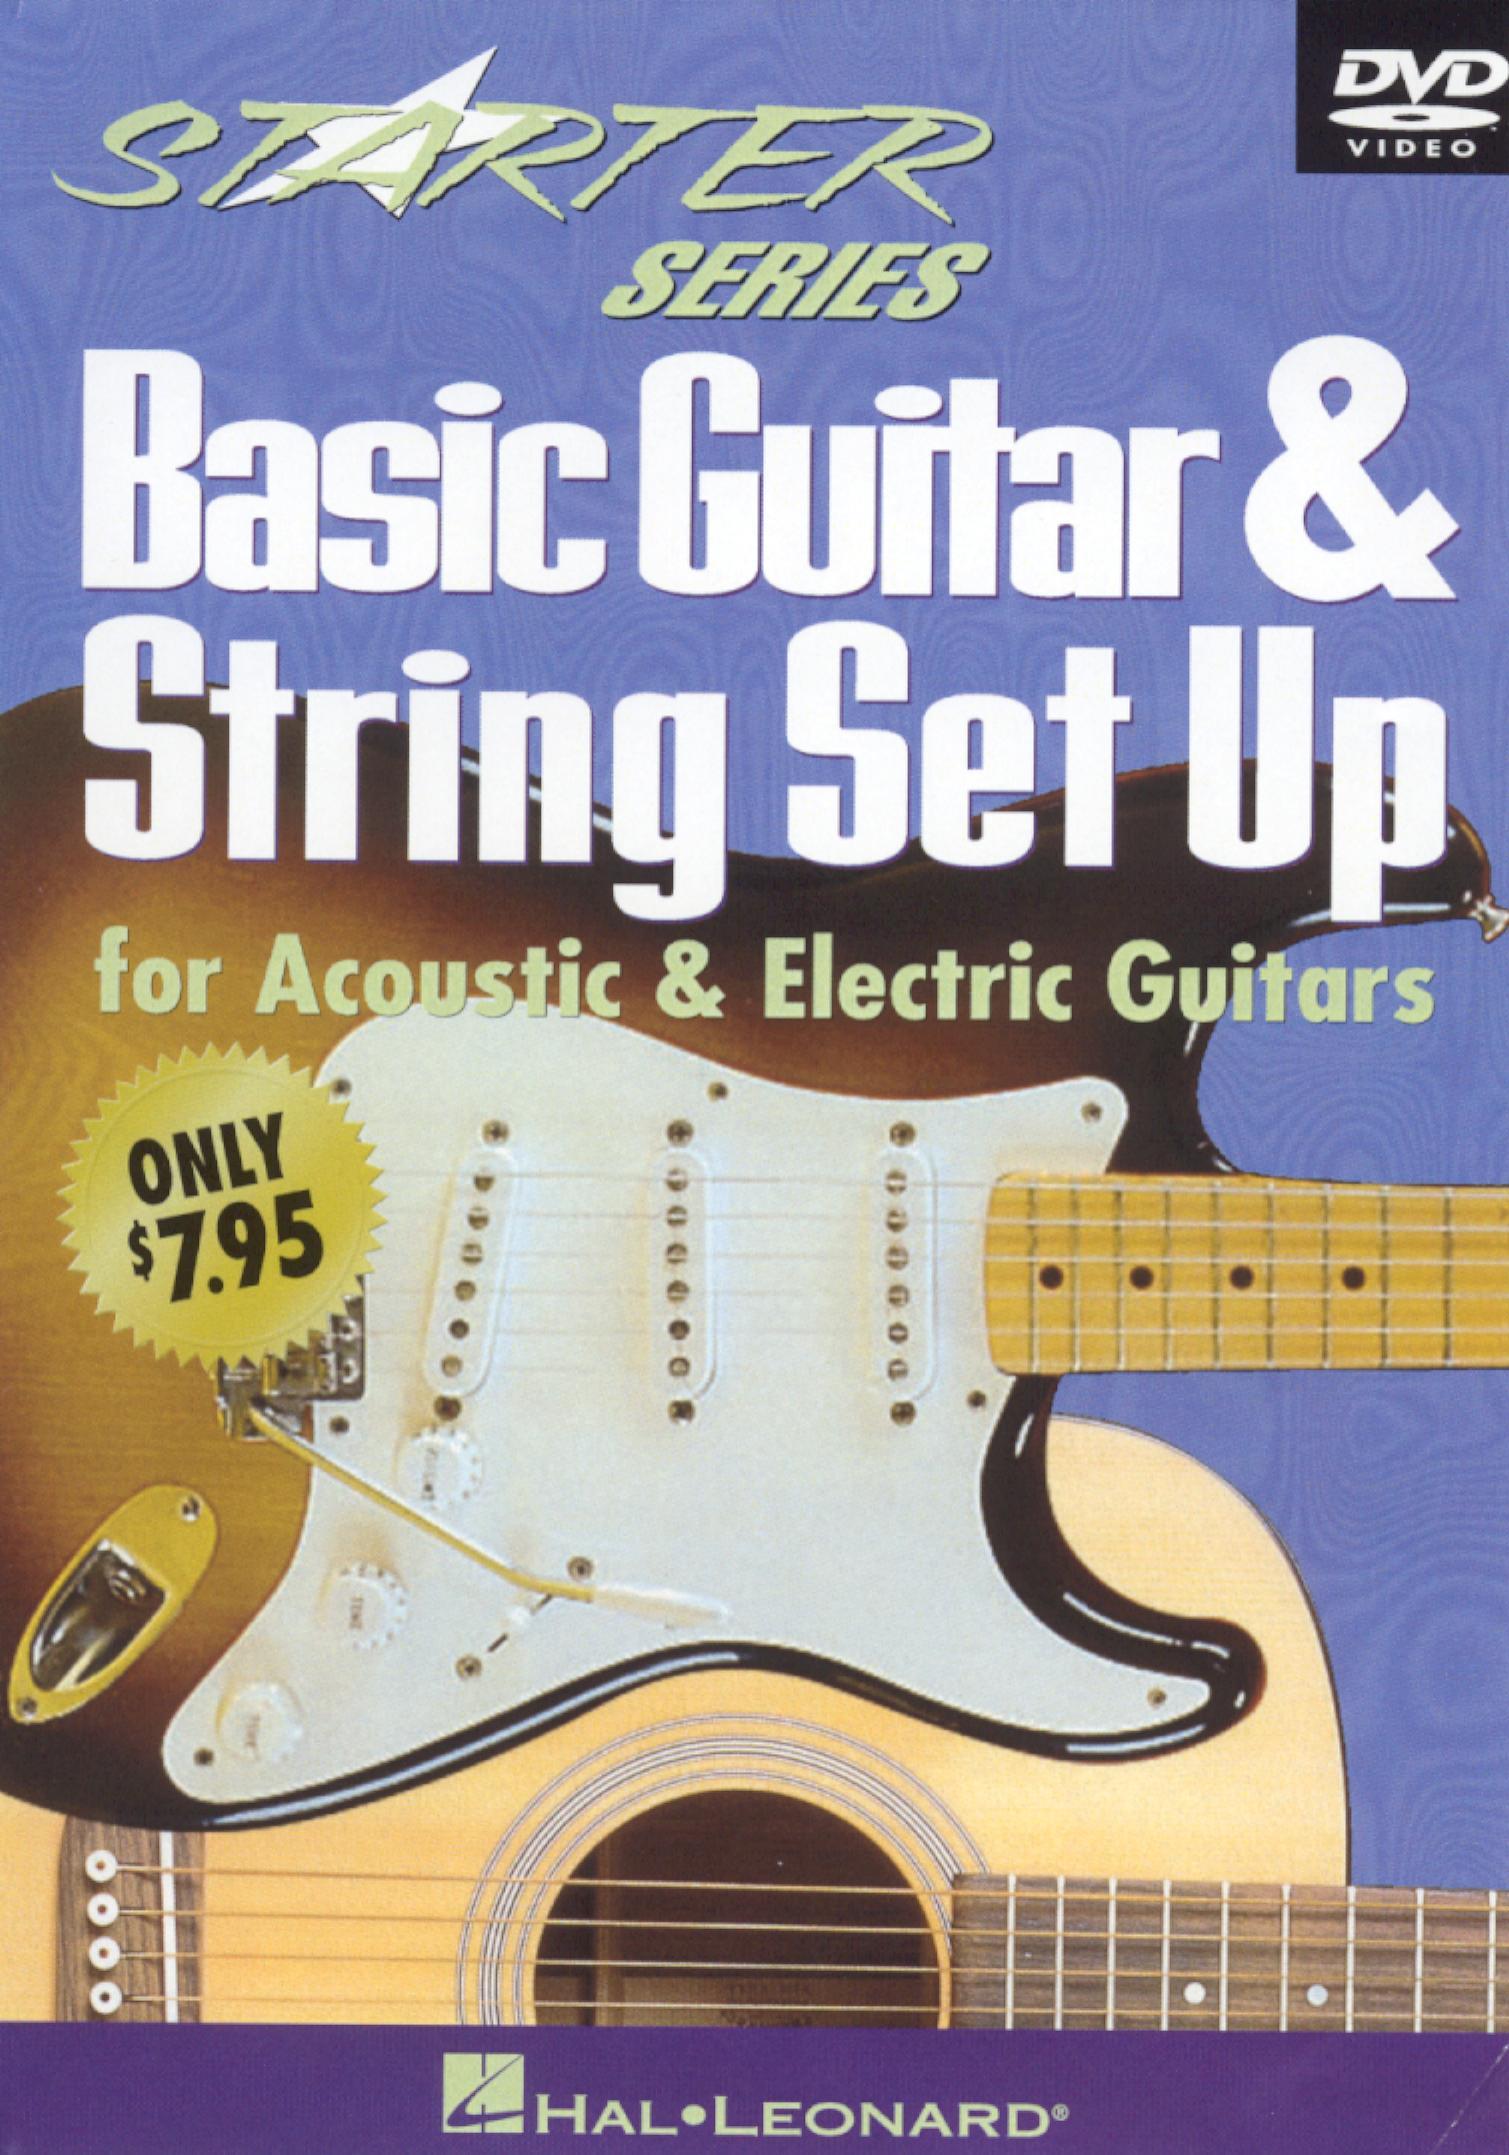 starter series basic guitar string set up for acoustic electric guitars 2000. Black Bedroom Furniture Sets. Home Design Ideas